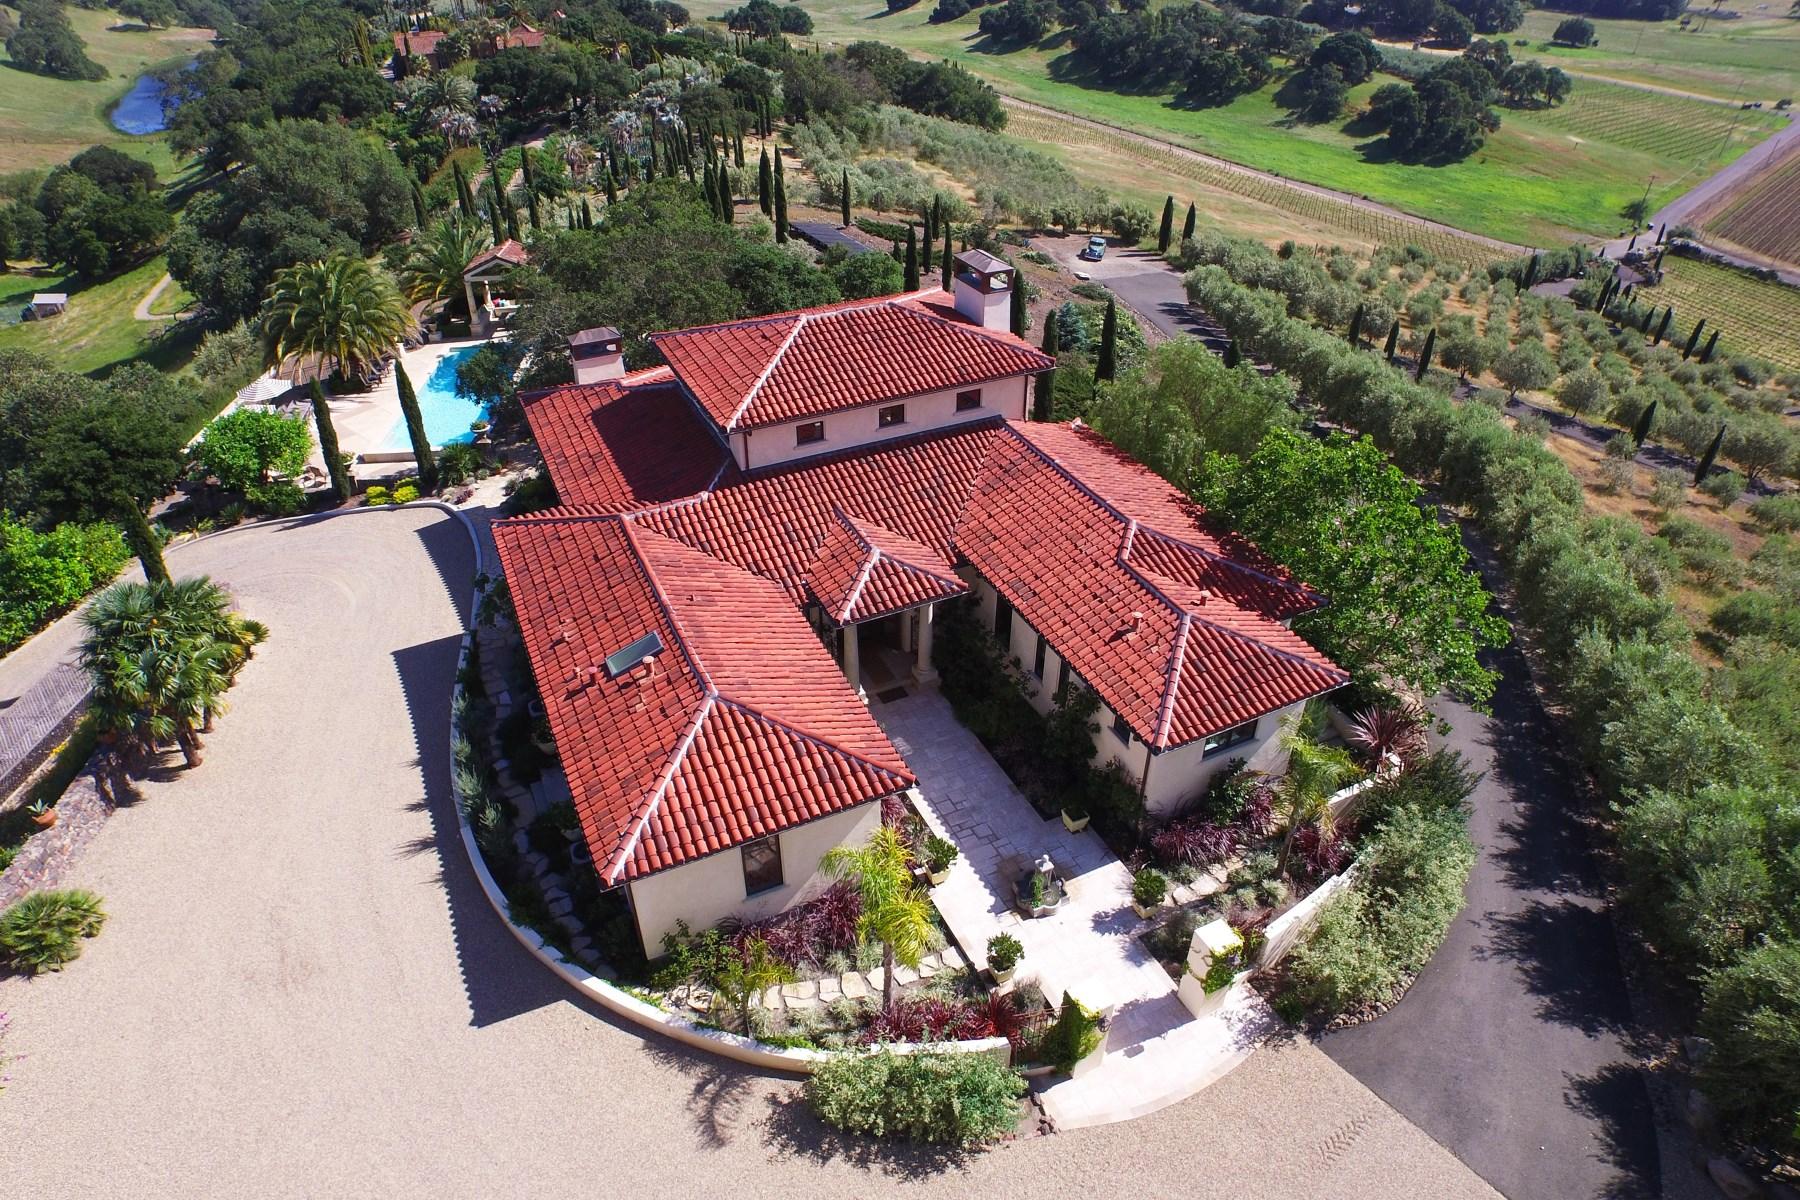 独户住宅 为 销售 在 Cypress Hill Farm 5180 Lovall Valley Loop Rd Sonoma, 加利福尼亚州 95476 美国